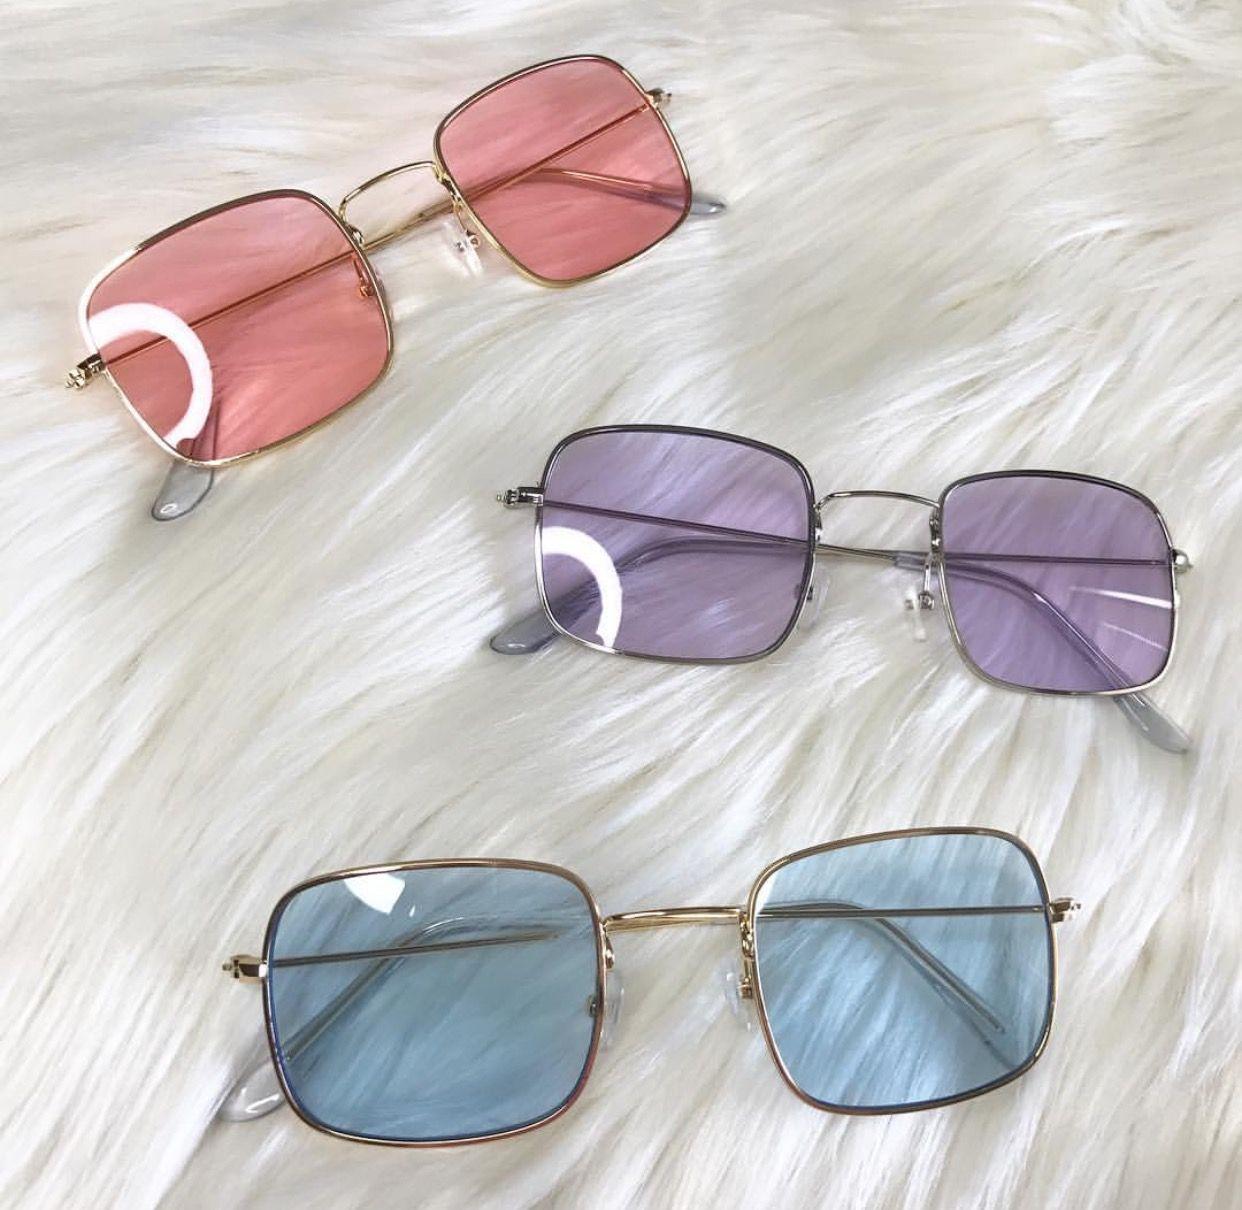 Épinglé par Bob 💄💋💓💍 sur Oh My Glasses   Pinterest   Lunettes ... da760eecc43d